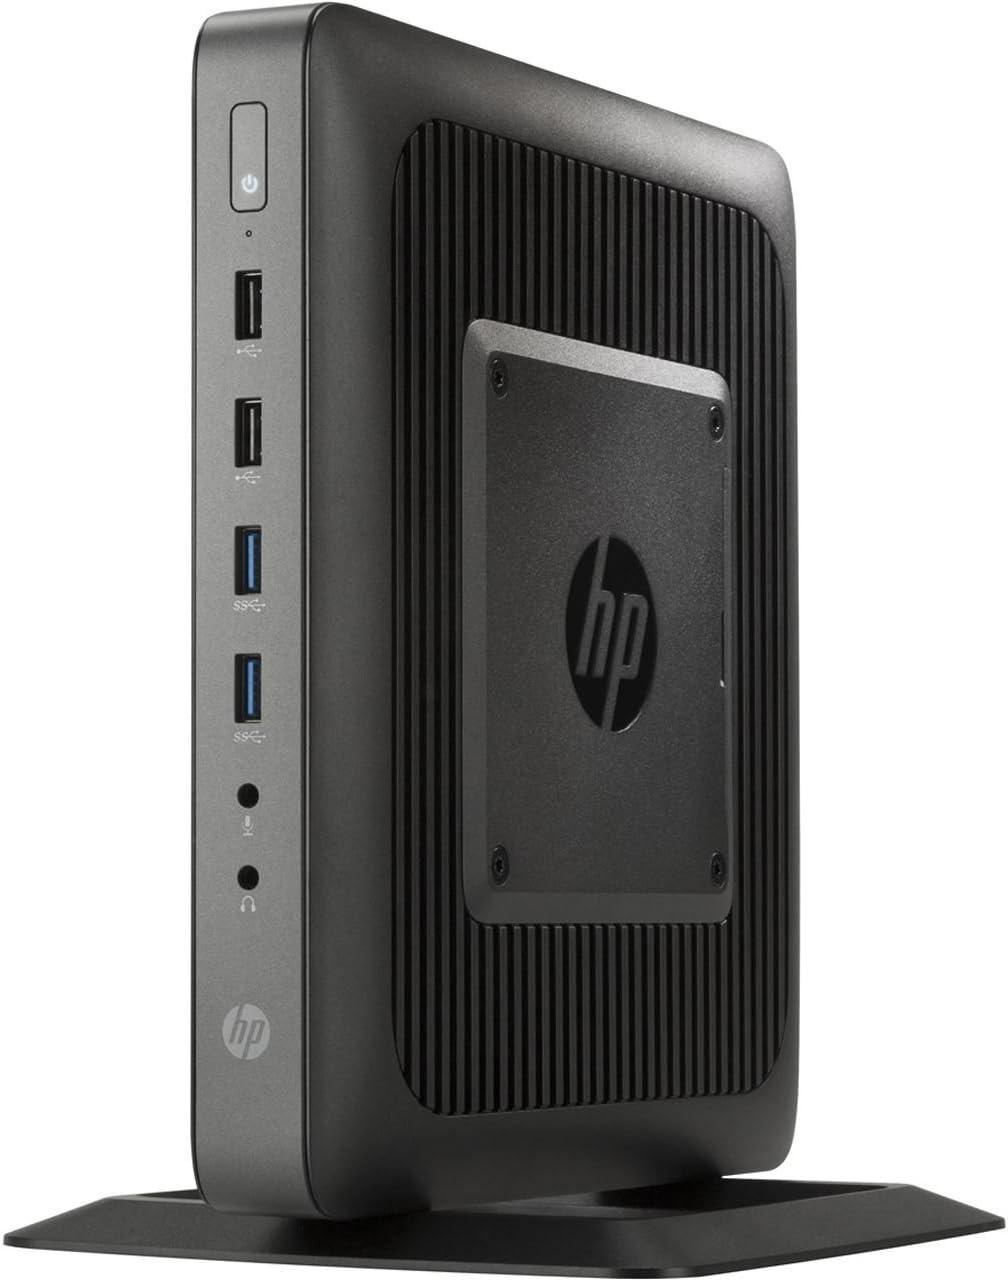 HP Thin Client - AMD G-Series GX-217GA 1.65 GHz F5A53AA#ABA